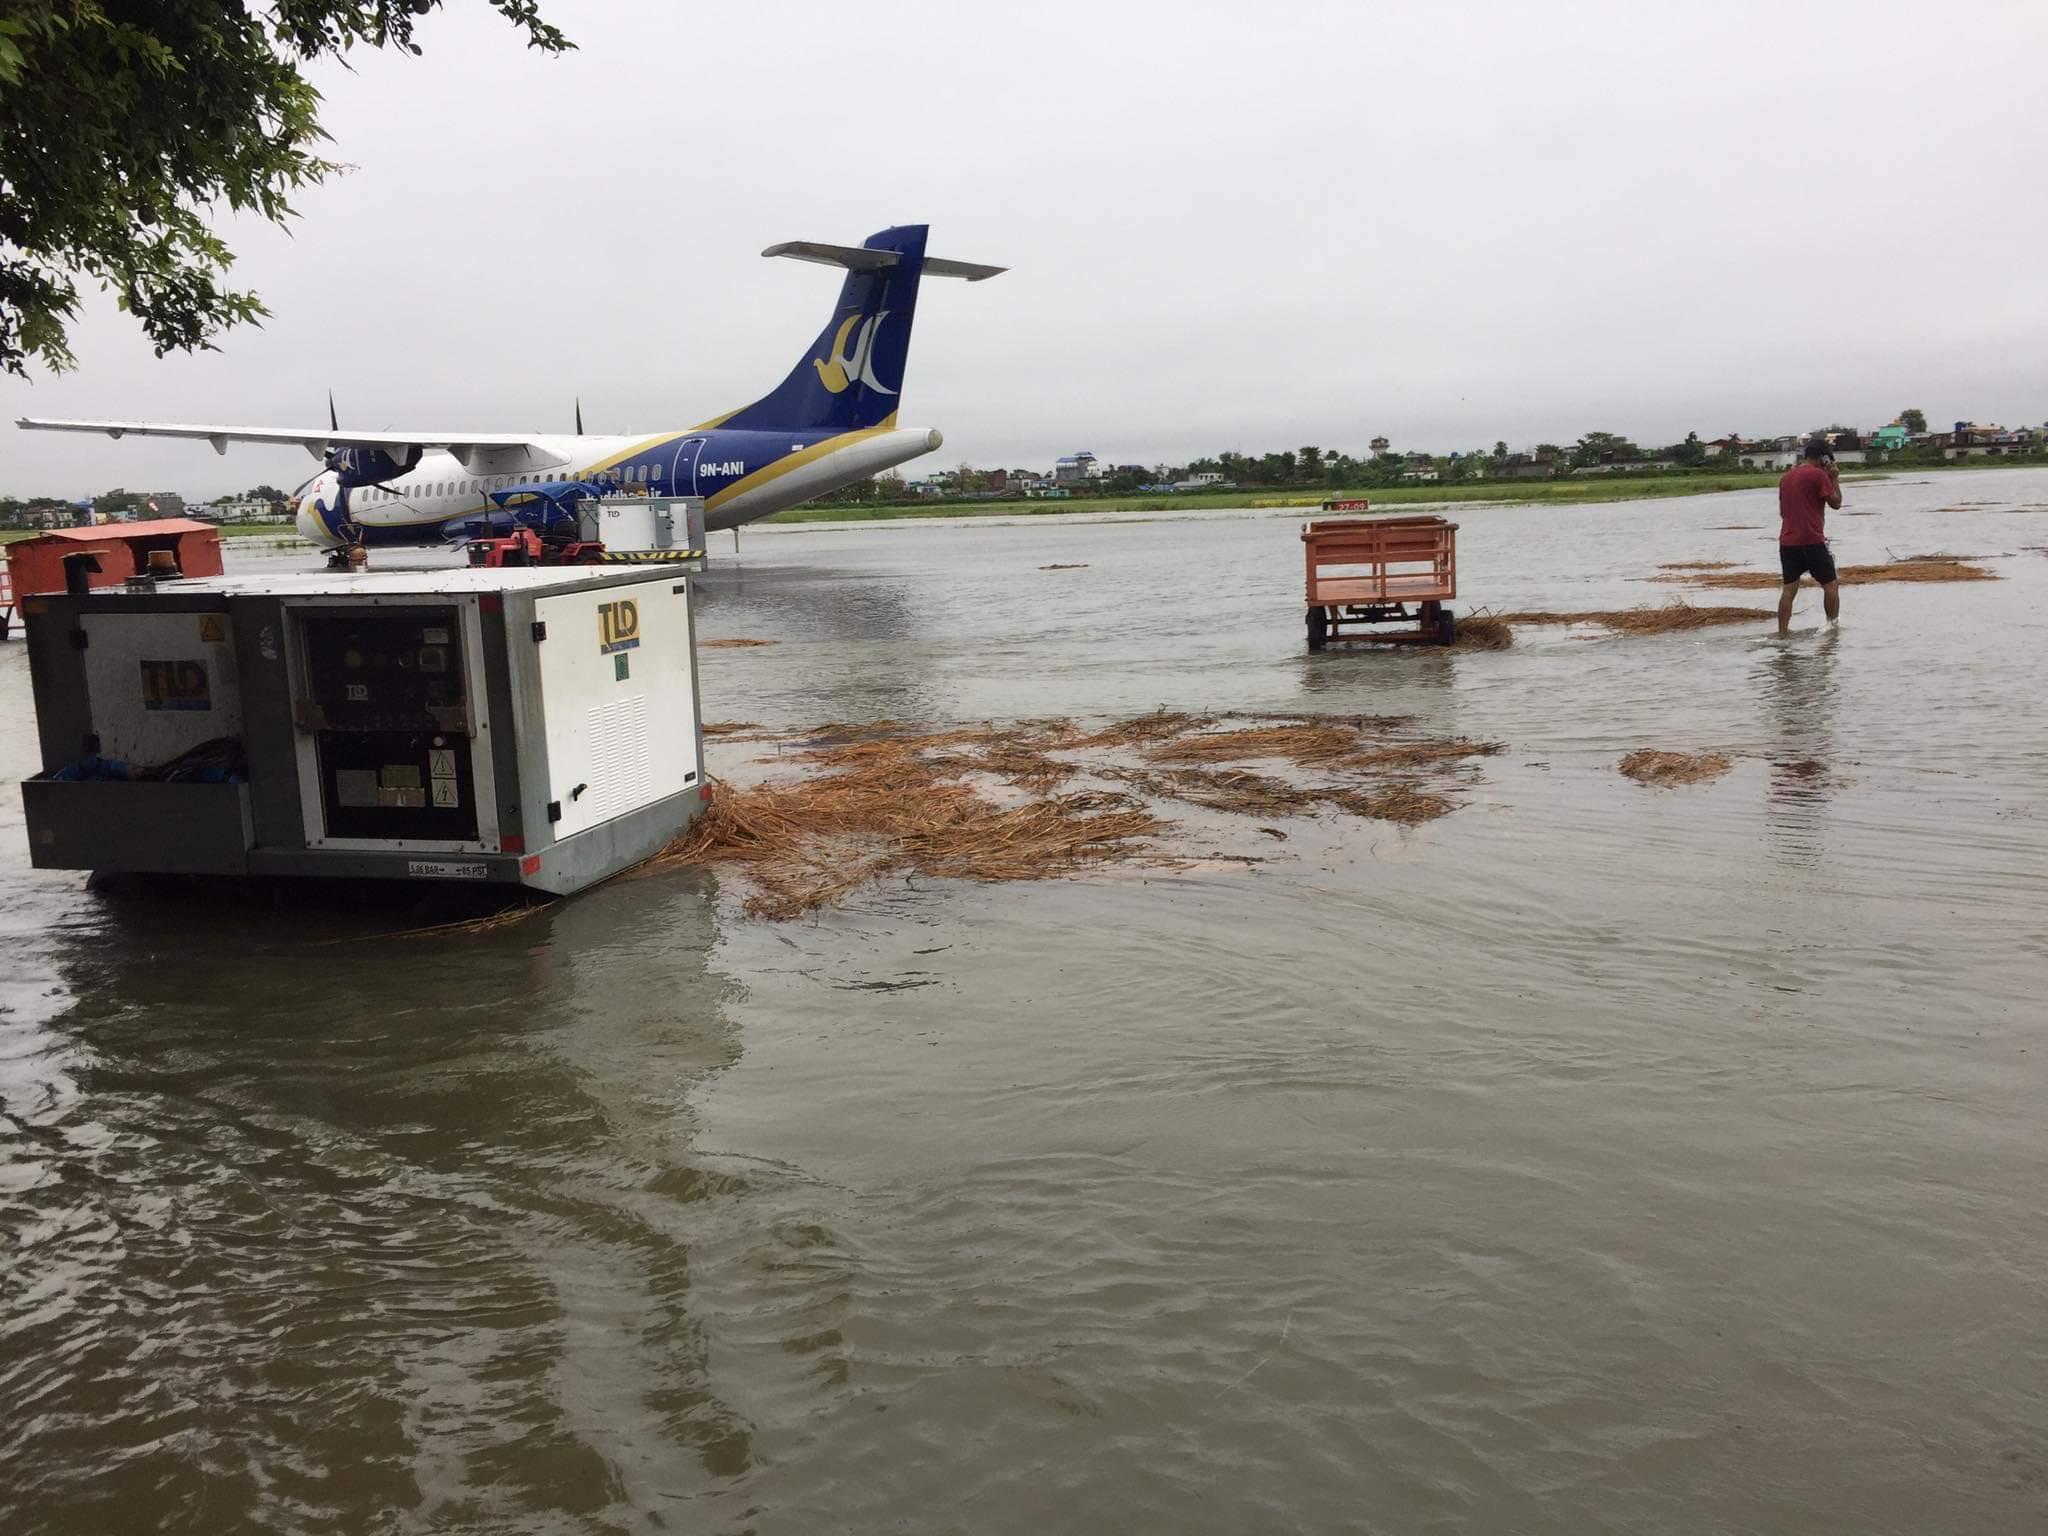 वर्षाले विराटनगर विमानस्थलमा बाढी पस्याे, उडान अवरूद्ध